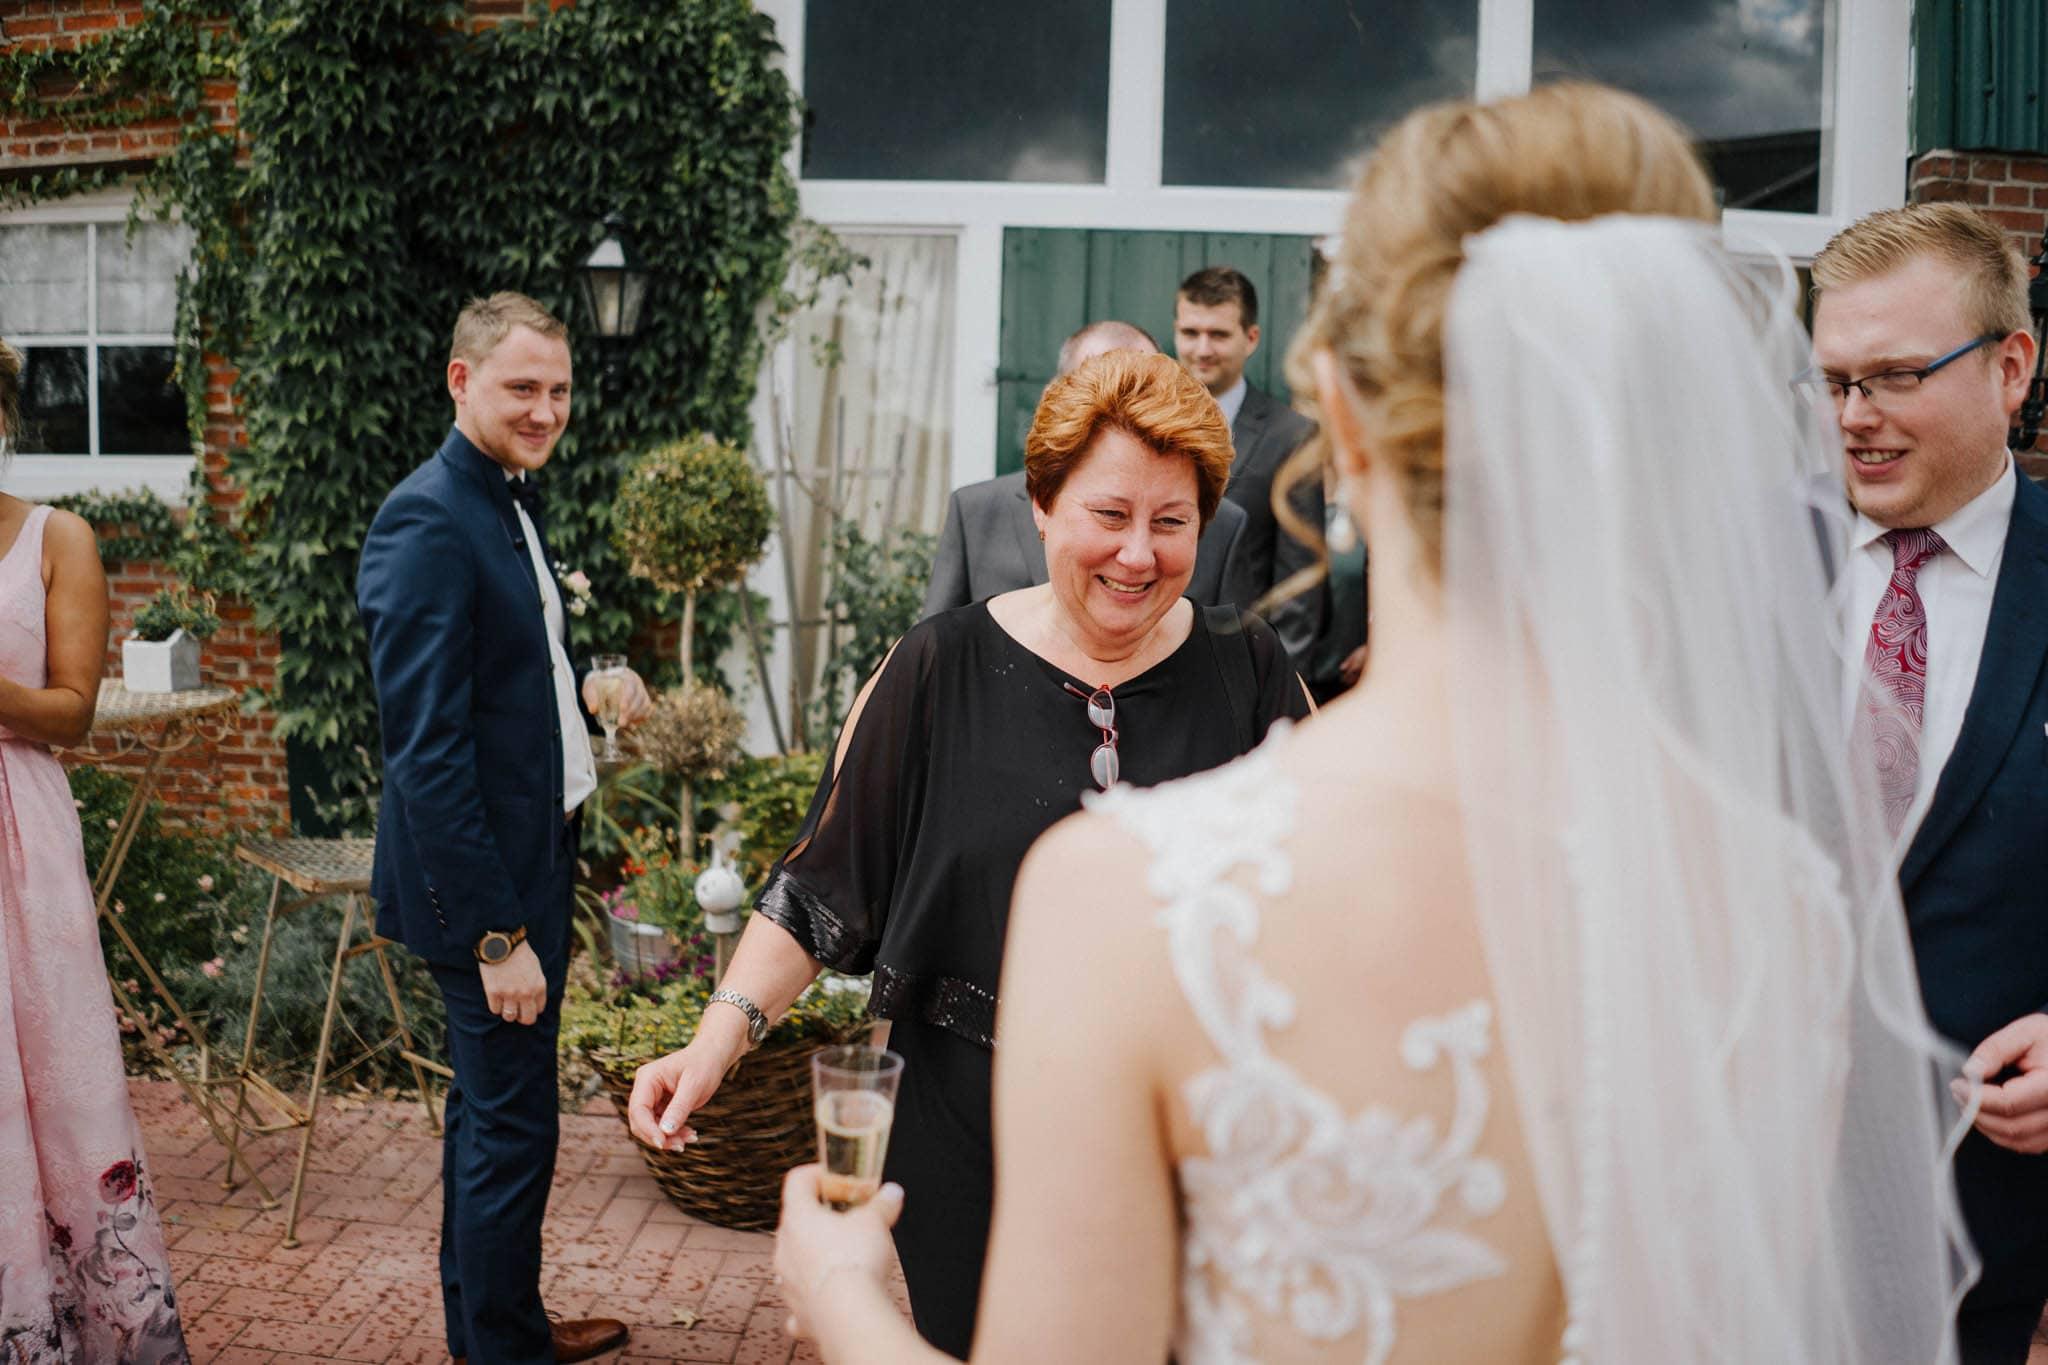 Hochzeitsfieber by Photo-Schomburg, Hoichzeitsfotograf, Hamburg, Wedding, Weddingtime, Hochzeitspaar, Braut, Bräutigam, Hochzeit im Norden,-68